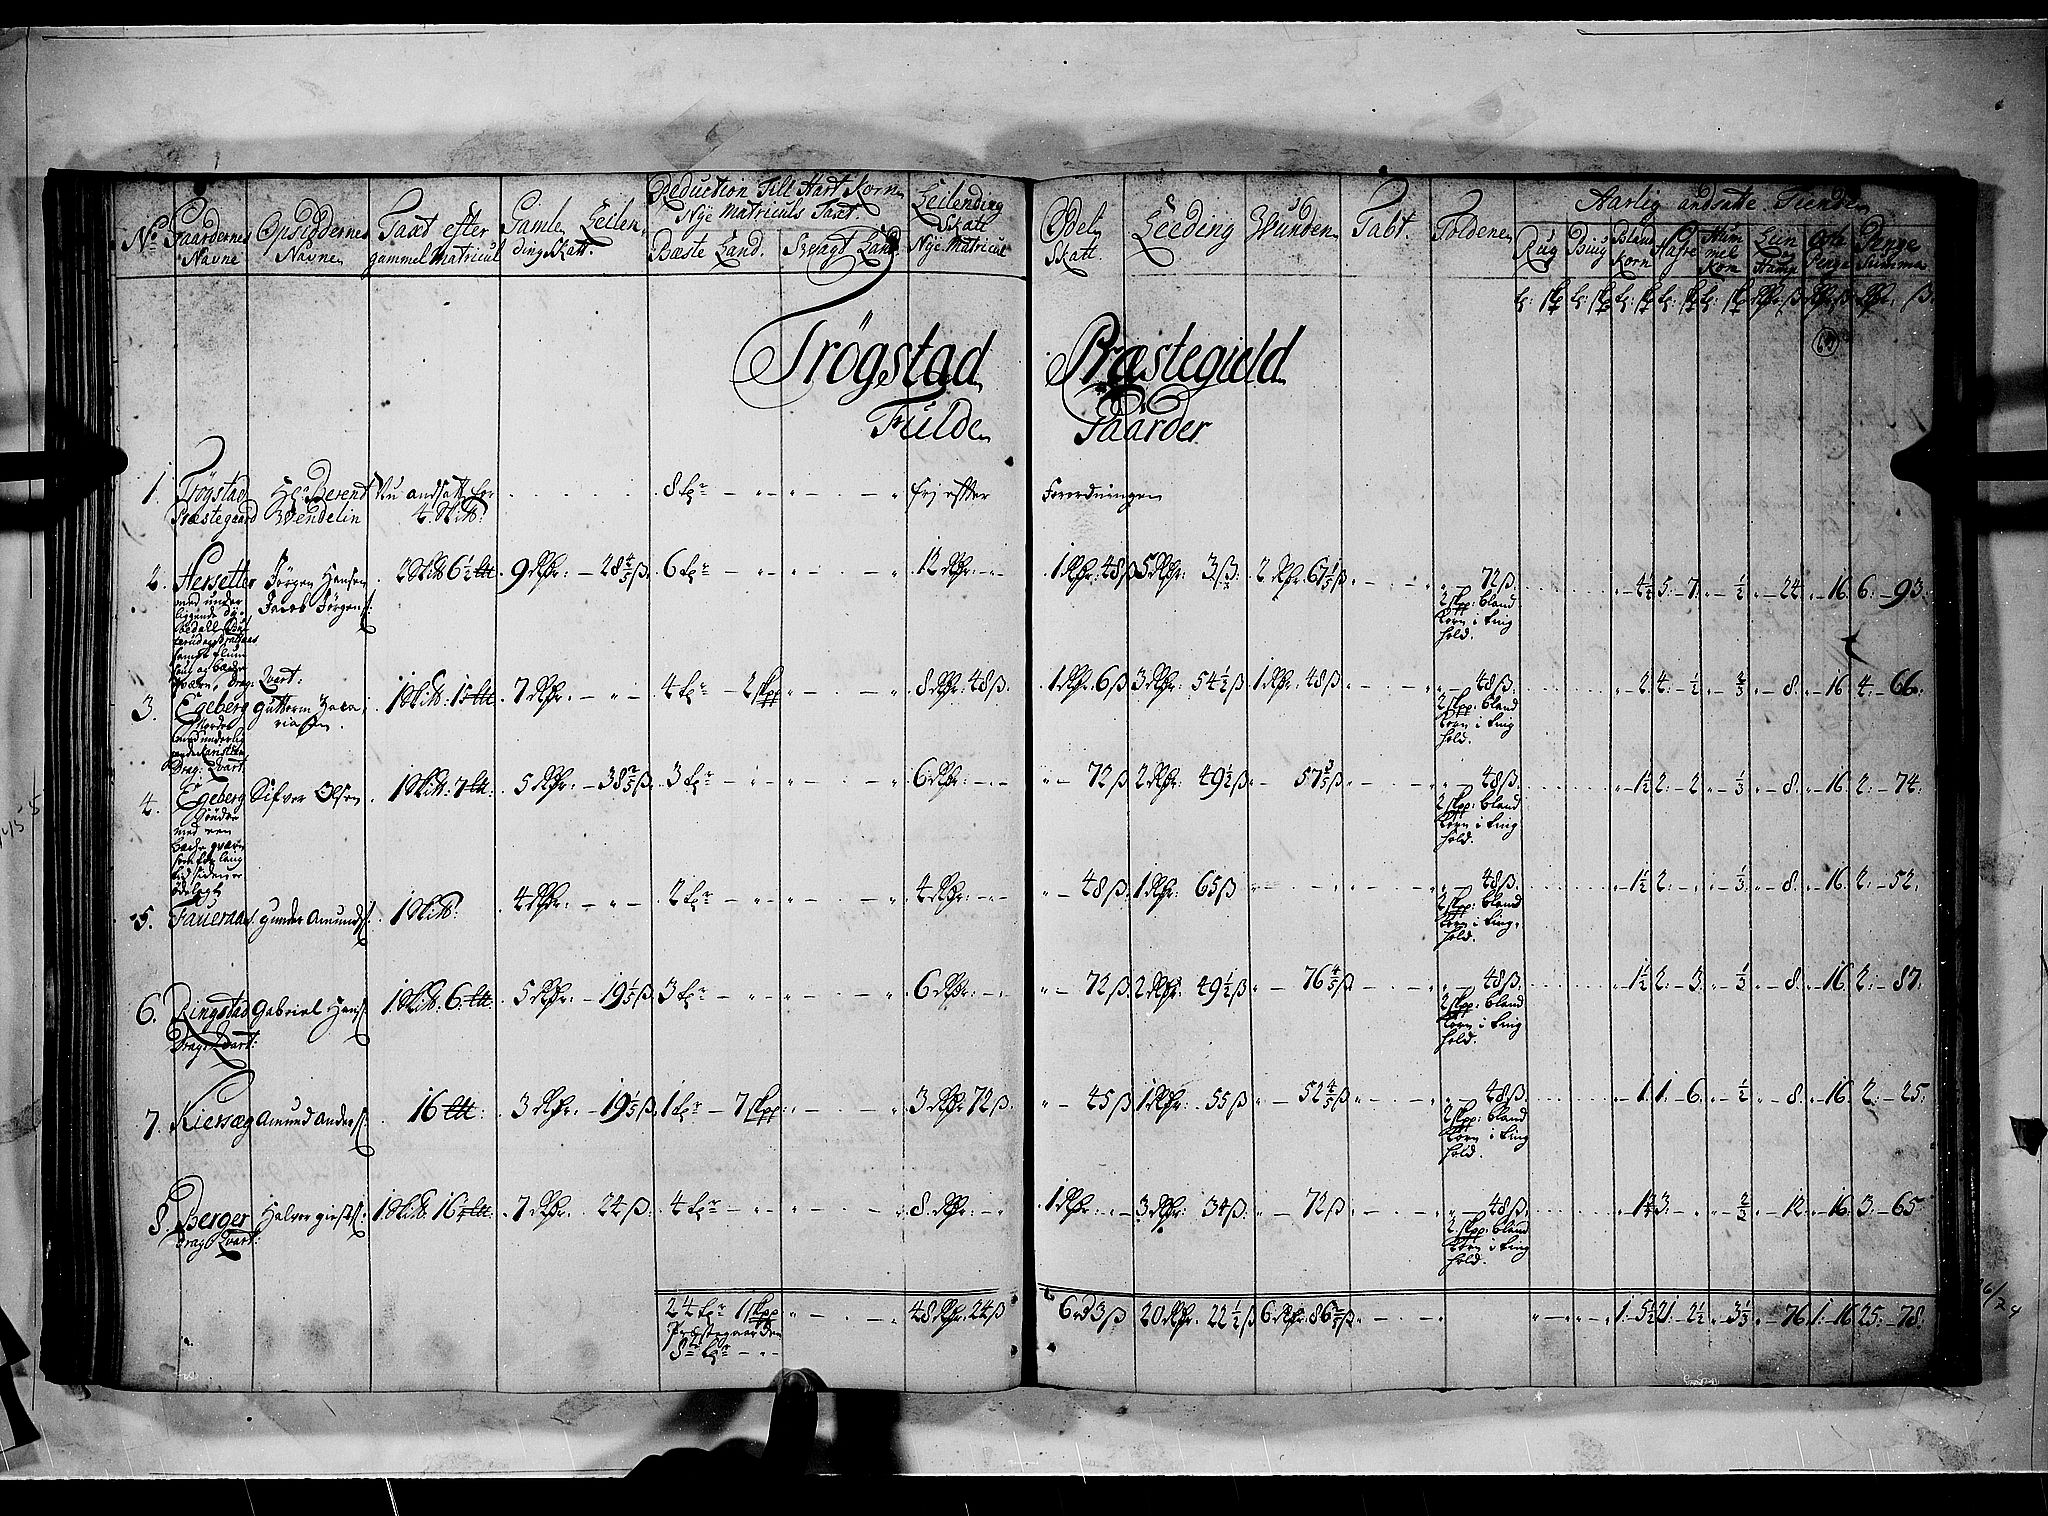 RA, Rentekammeret inntil 1814, Realistisk ordnet avdeling, N/Nb/Nbf/L0100: Rakkestad, Heggen og Frøland matrikkelprotokoll, 1723, s. 62b-63a